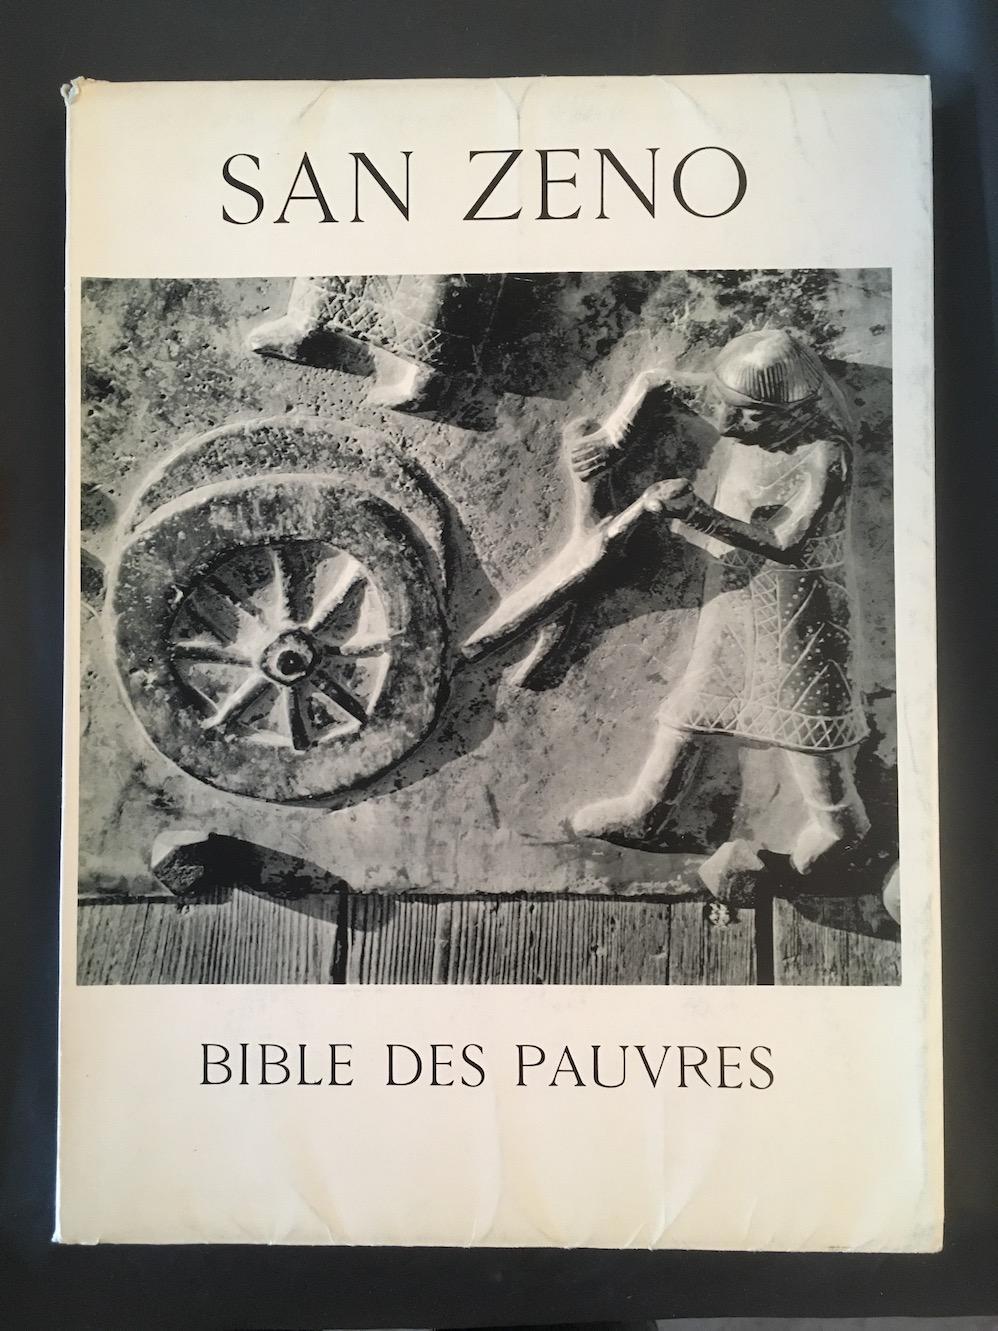 San zeno bible des pauvres porte de bronze de v rone - Cash converter porte de namur ...